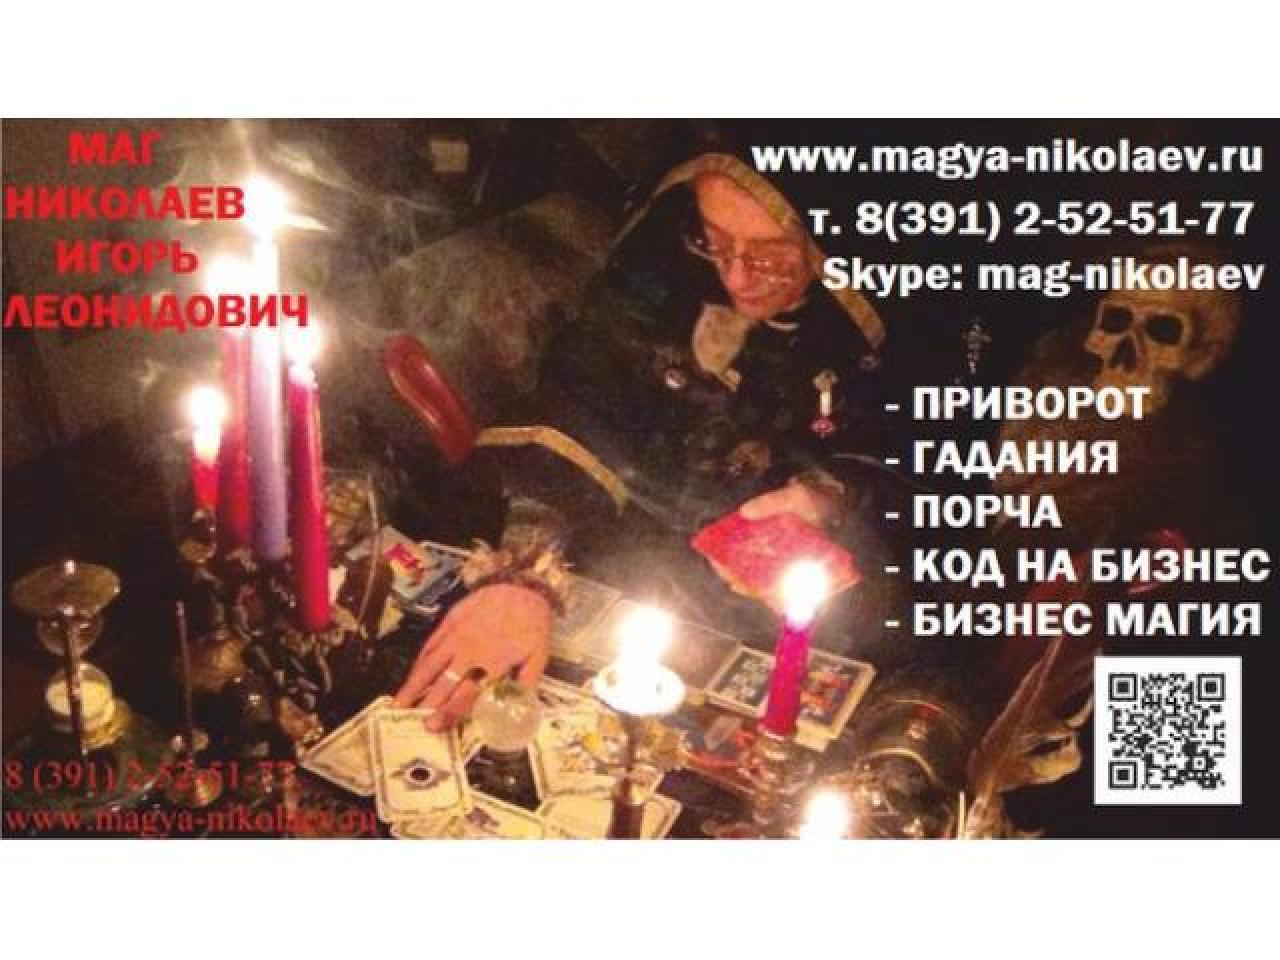 Потомственный Сибирский колдун. Опыт работы более 30 лет. - 1